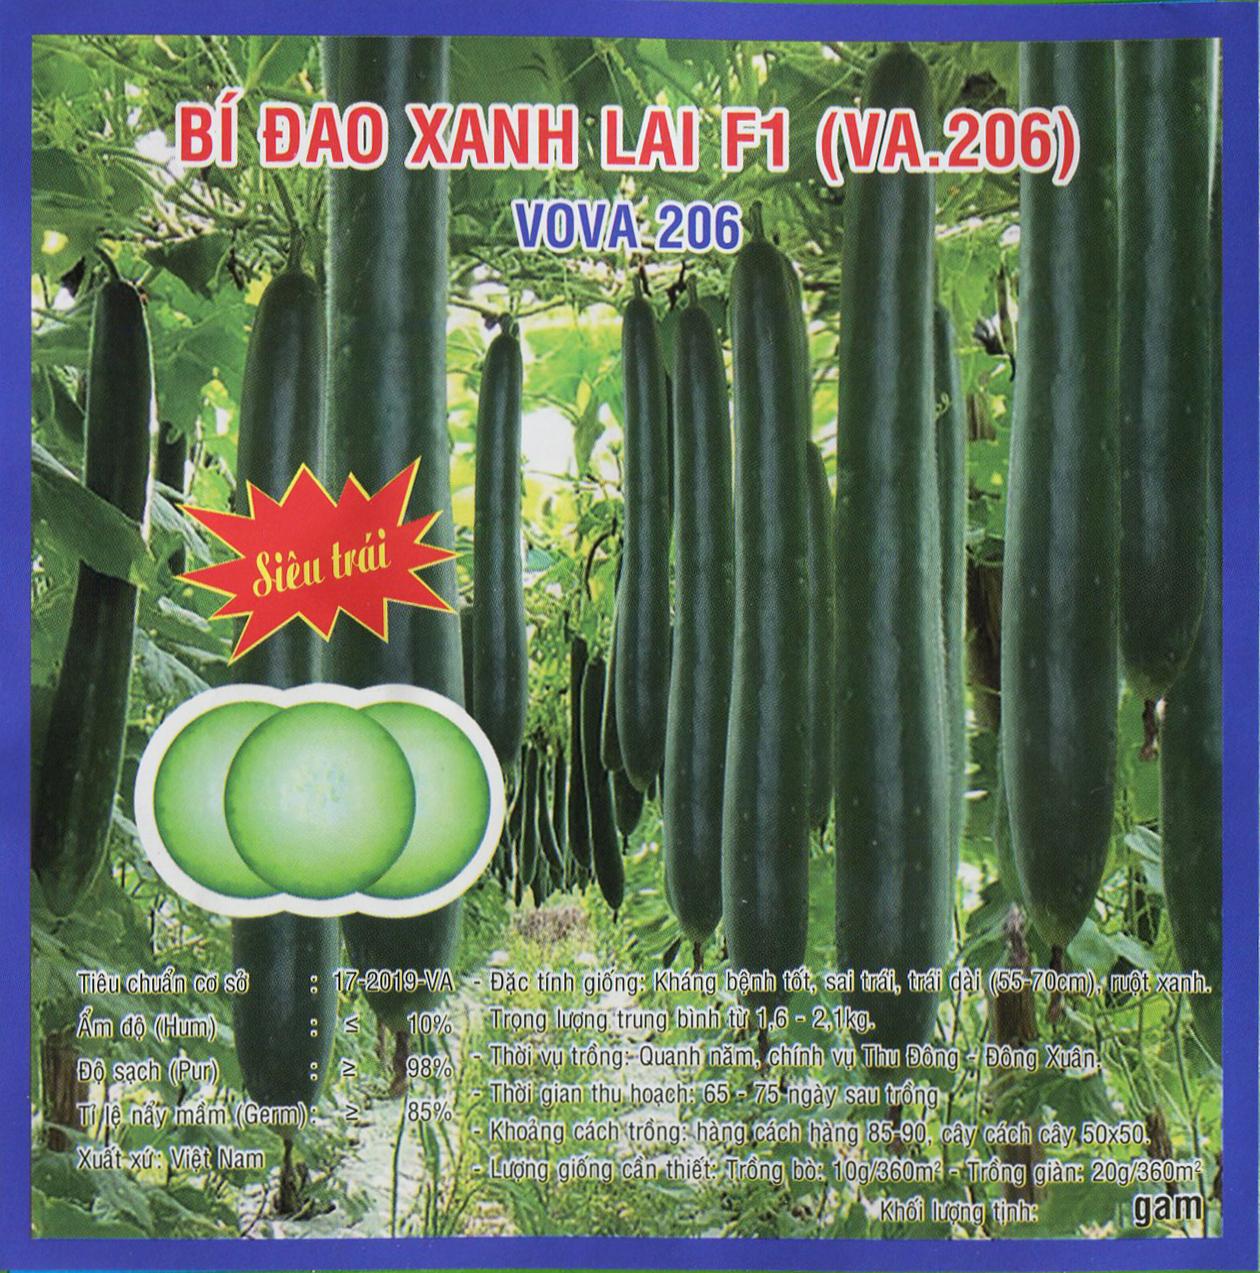 Hạt giống Bí đao xanh lai F1 (VA.206) – 2gram